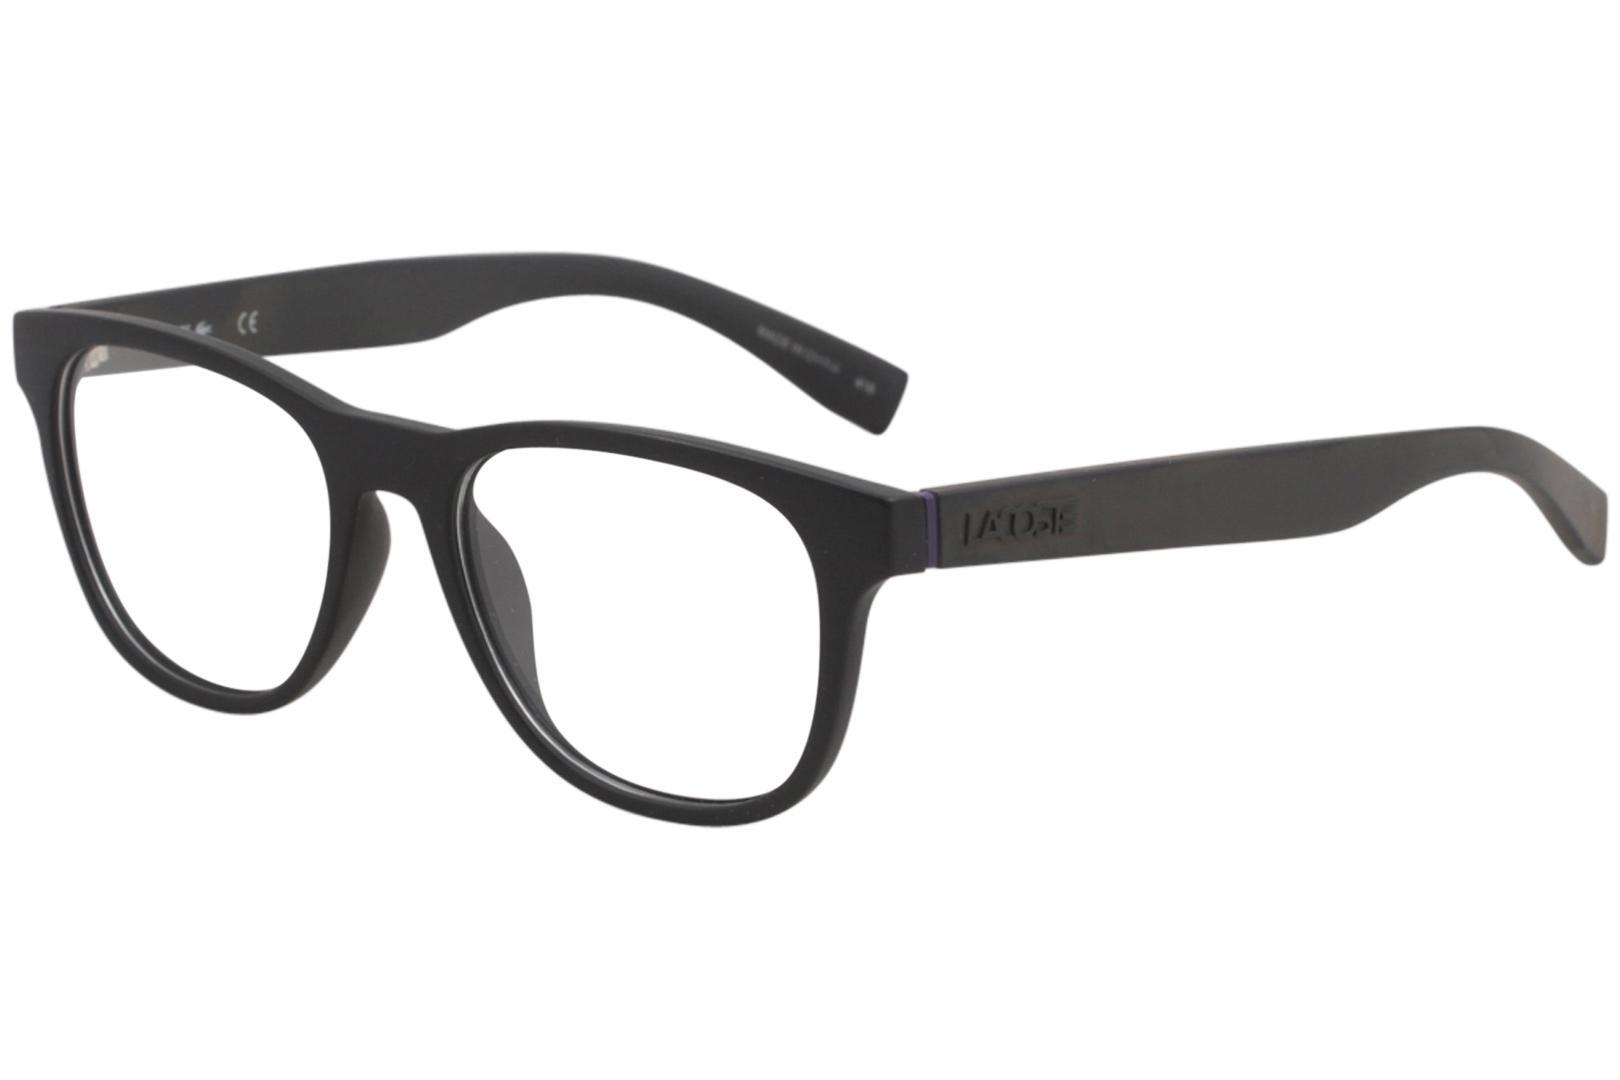 f6681fb45690b5 Lacoste mens eyeglasses full rim optical frame jpg 1620x1080 Lacoste optical